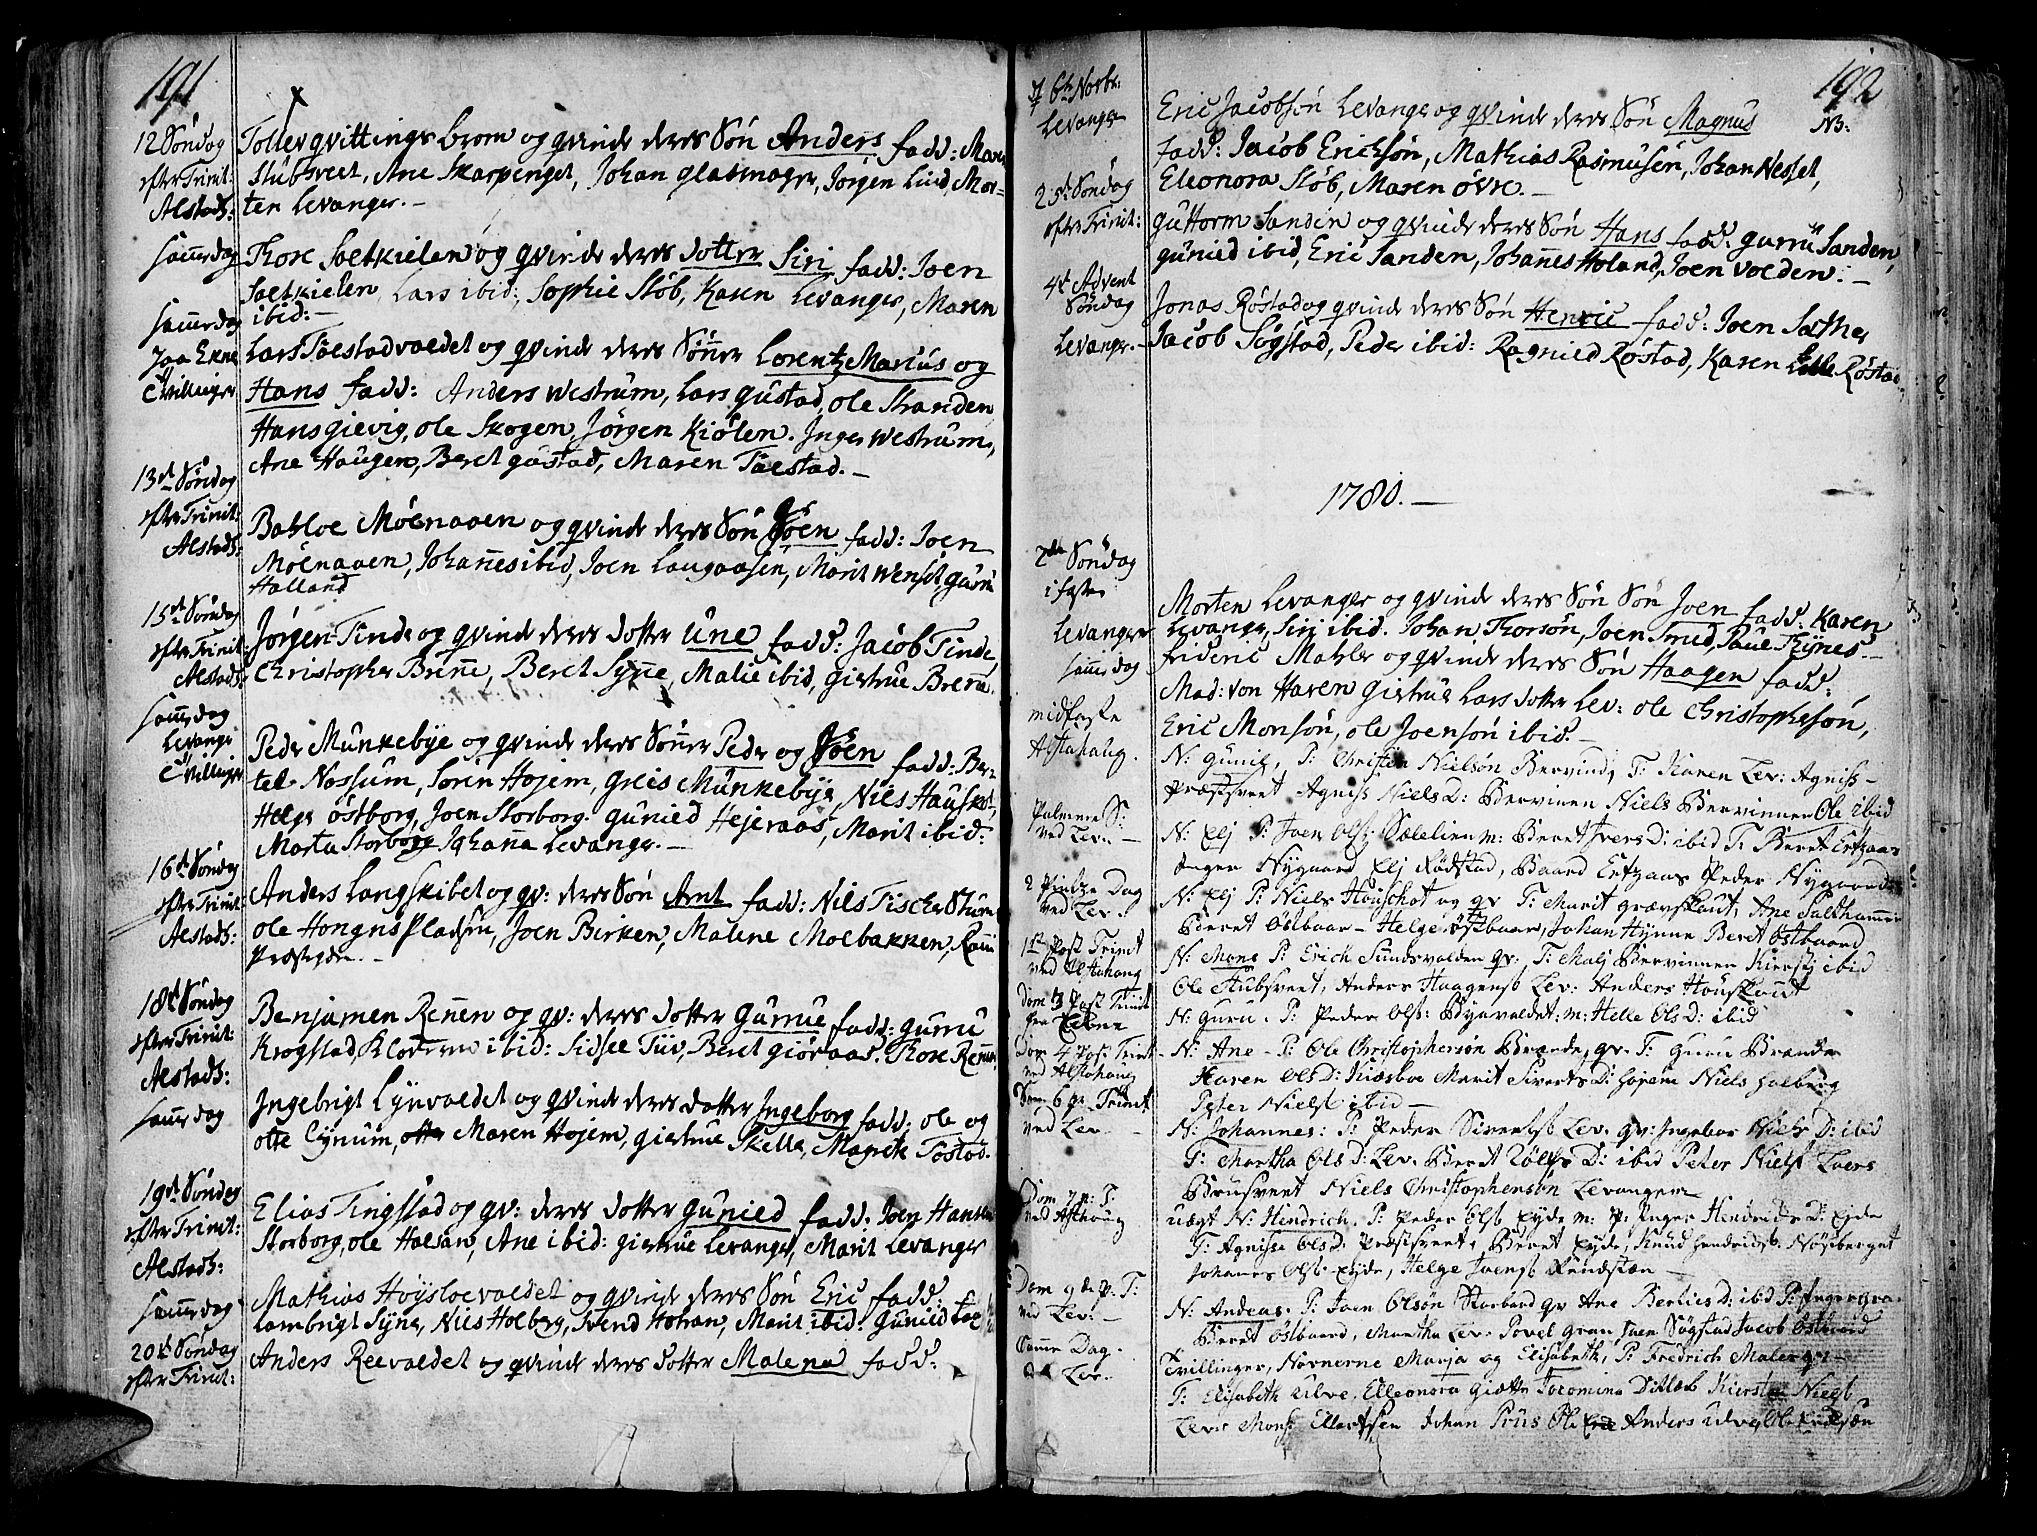 SAT, Ministerialprotokoller, klokkerbøker og fødselsregistre - Nord-Trøndelag, 717/L0141: Ministerialbok nr. 717A01, 1747-1803, s. 191-192